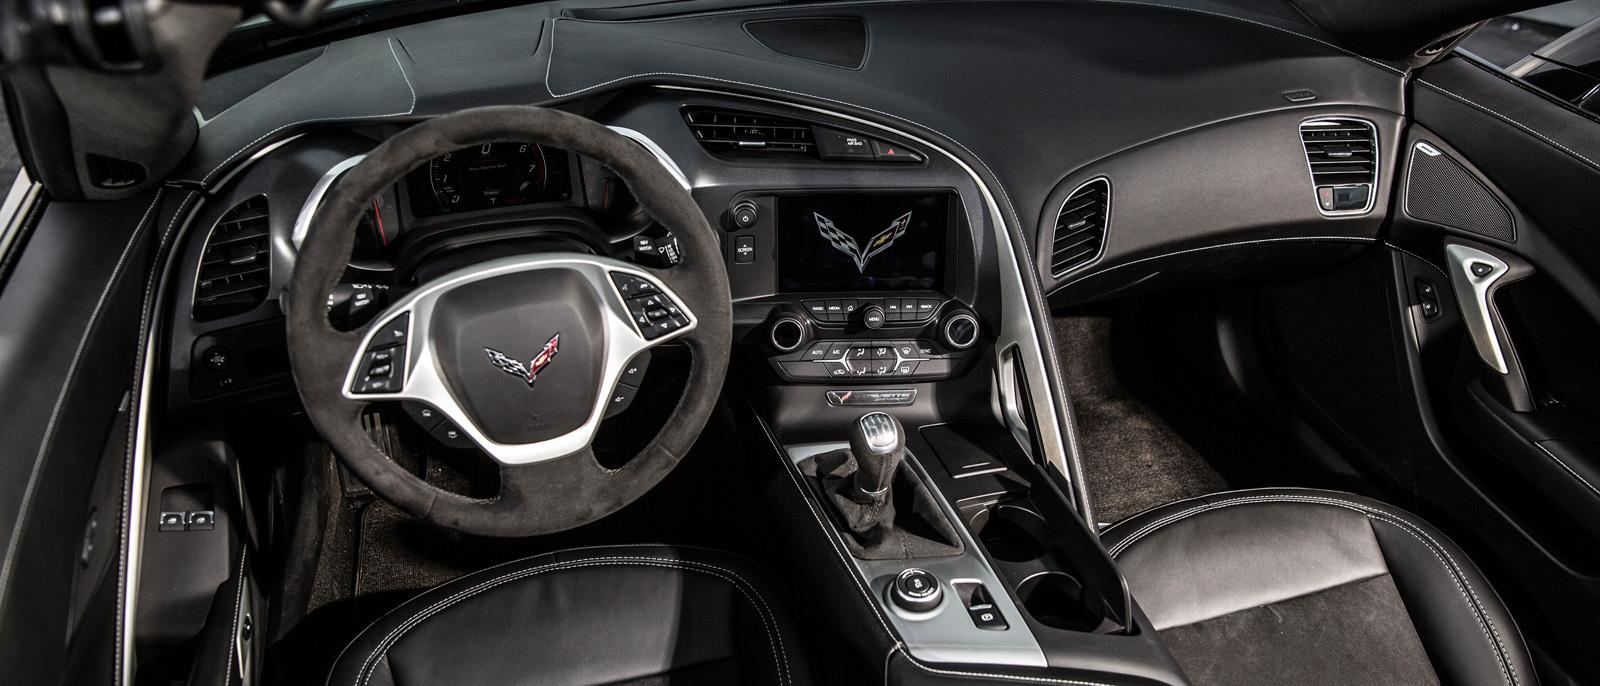 Corvette chevy corvette 2016 : 2016 Chevrolet Corvette Florence KY Cincinnati OH | Tom Gill Chevrolet